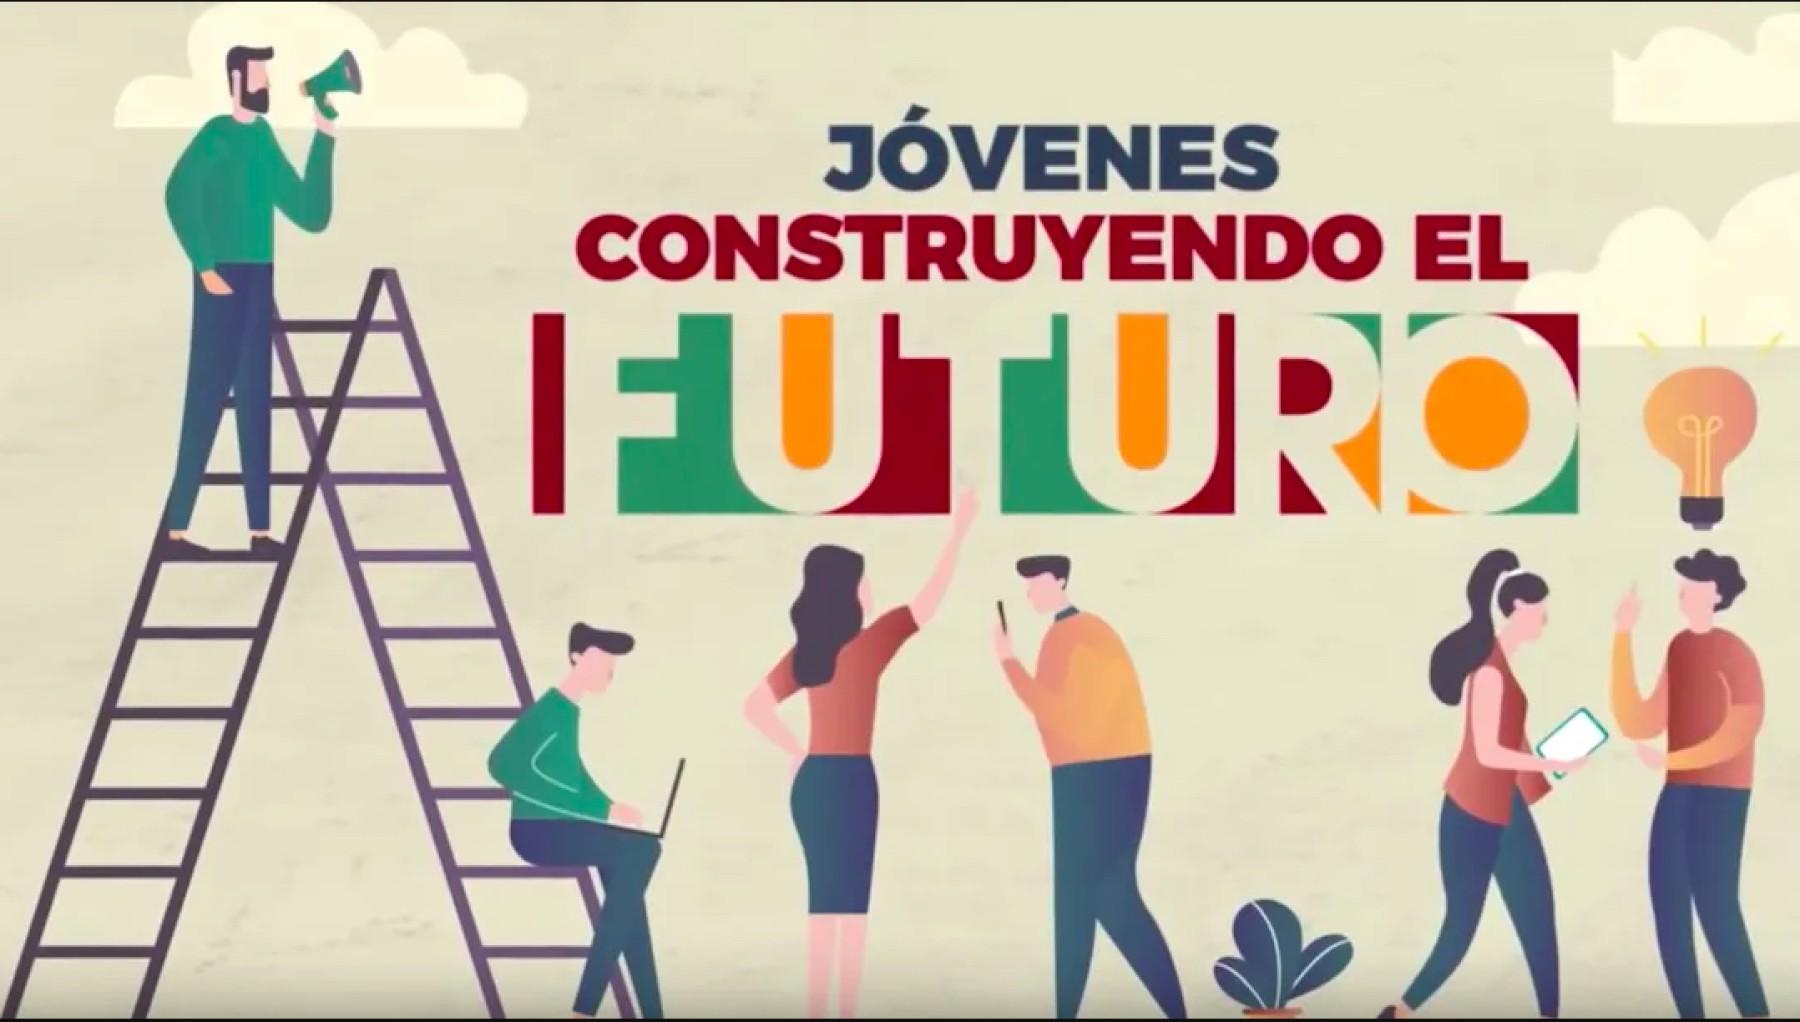 Beca Jóvenes Construyendo el Futuro abre 500 mil nuevos lugares